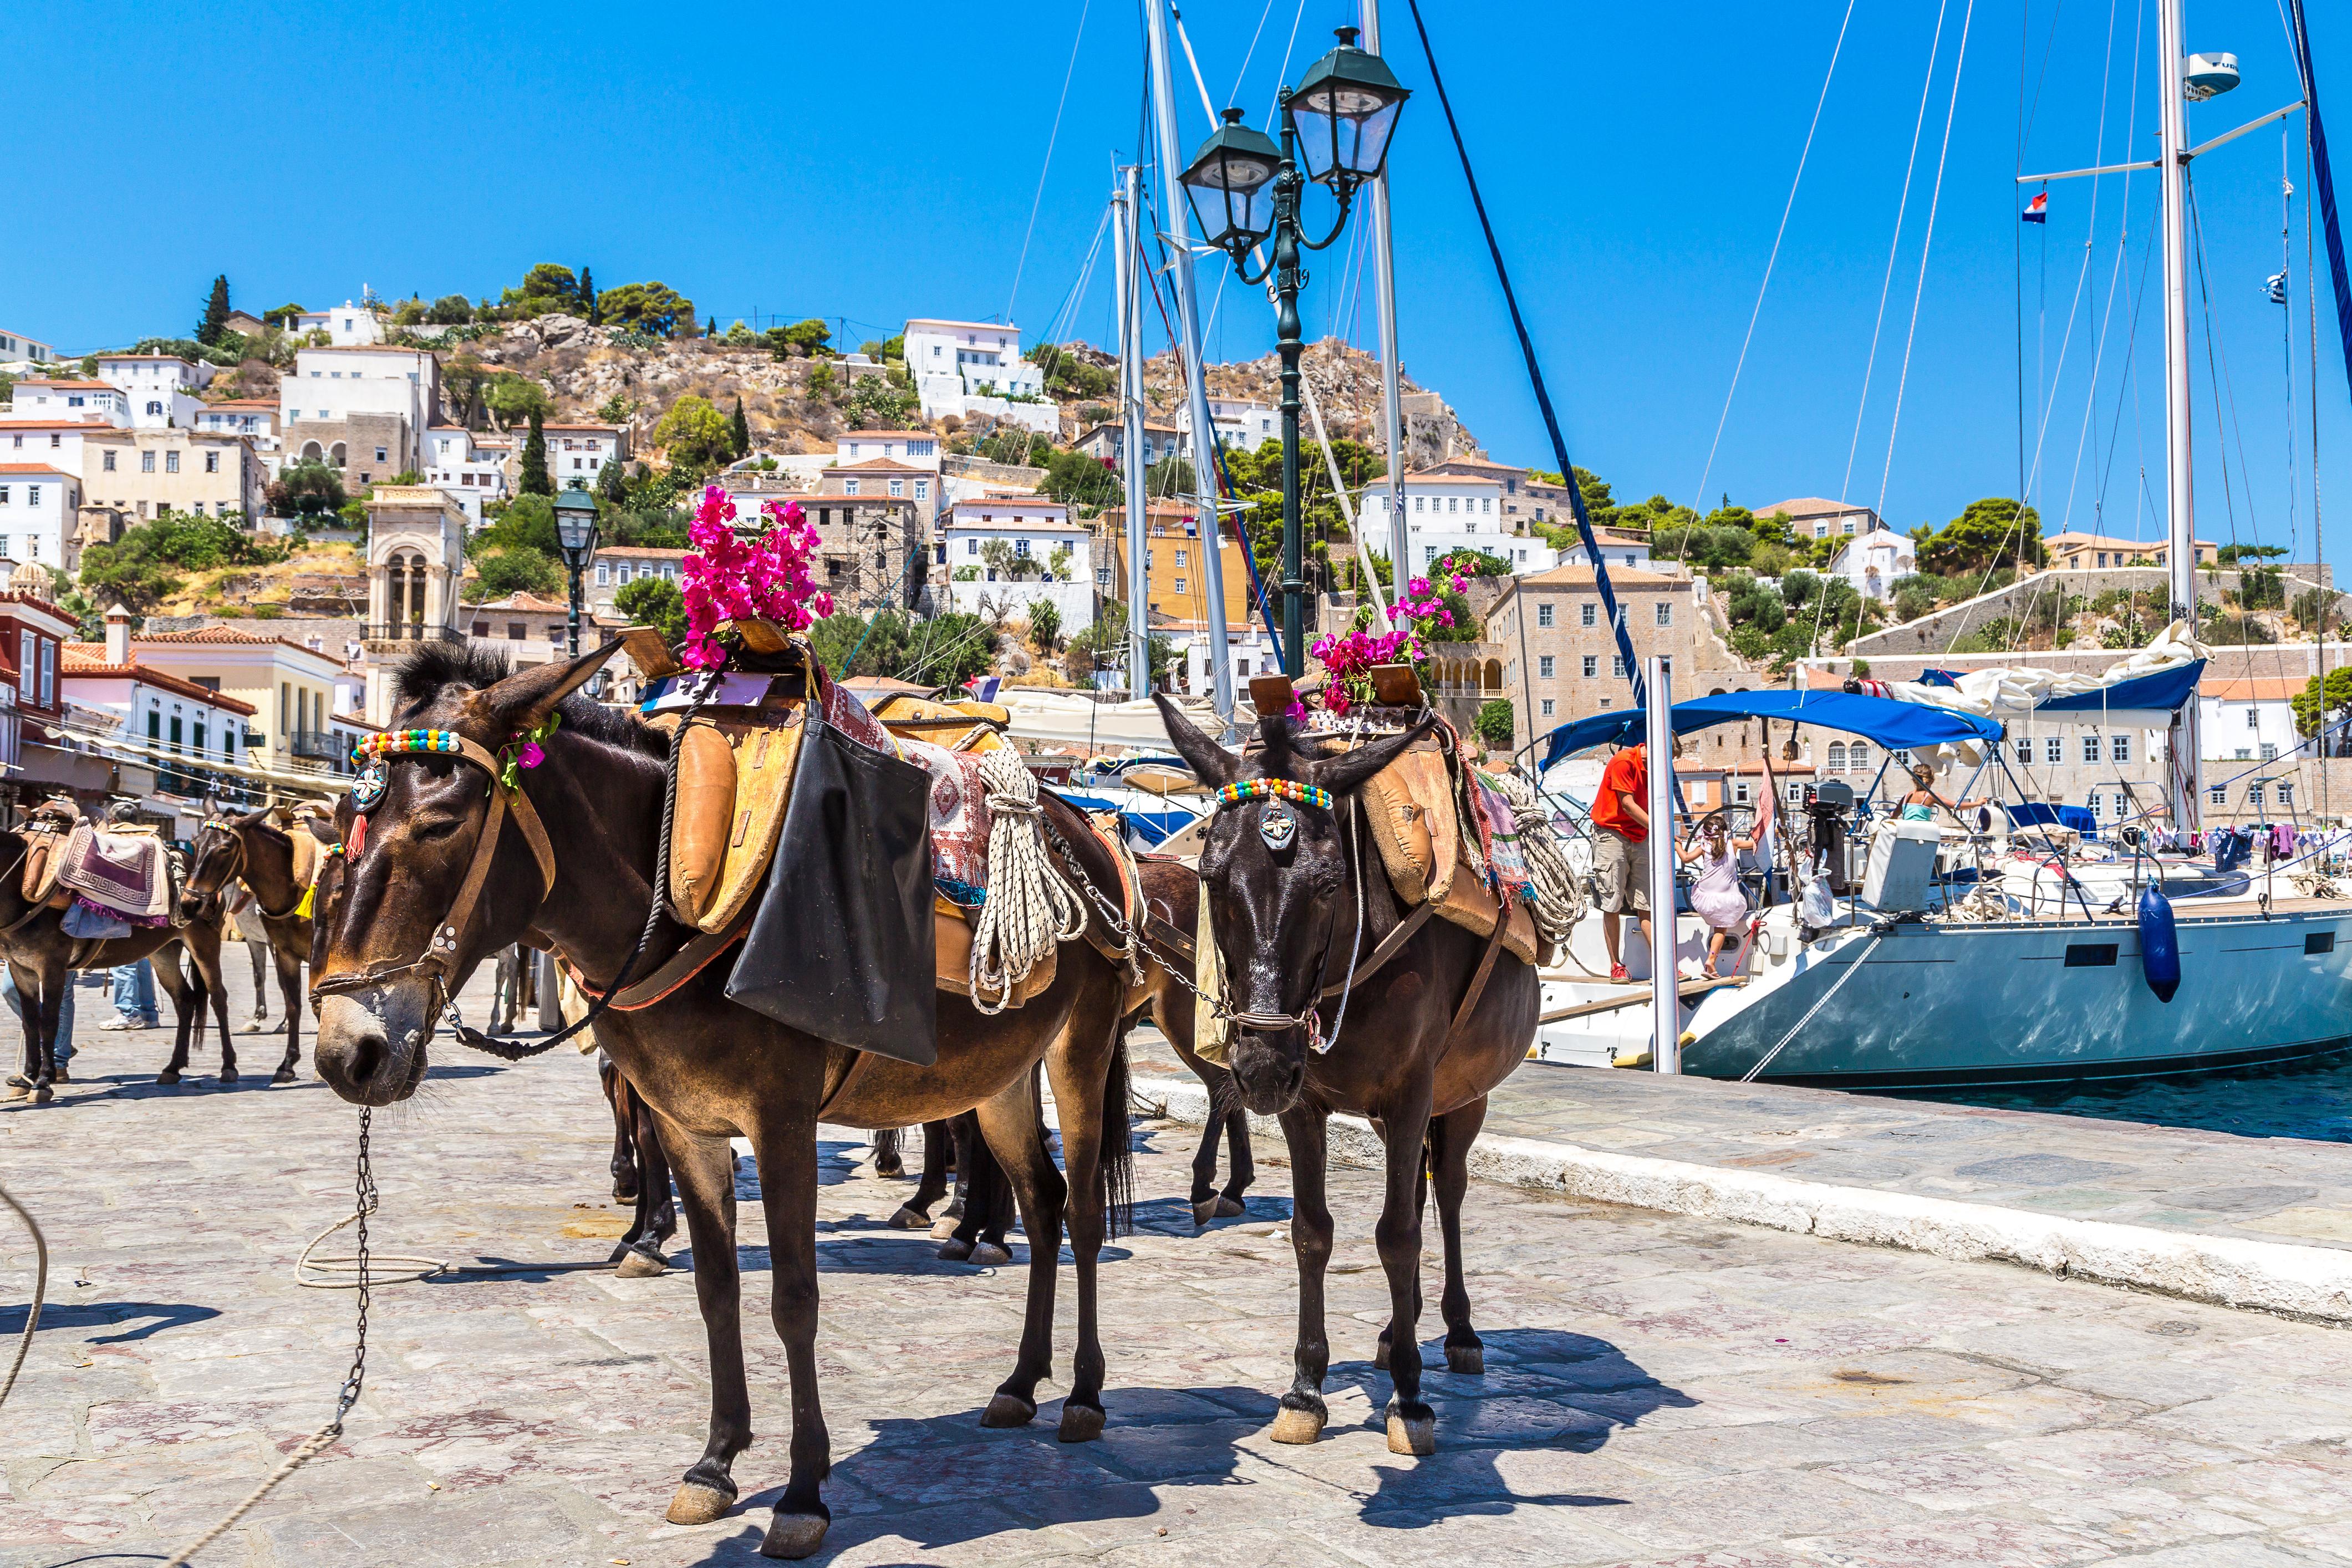 De paseo por la costa sin frío ni calor - Grecia Circuito Atenas, Olimpia, Delfos y Kalambaka